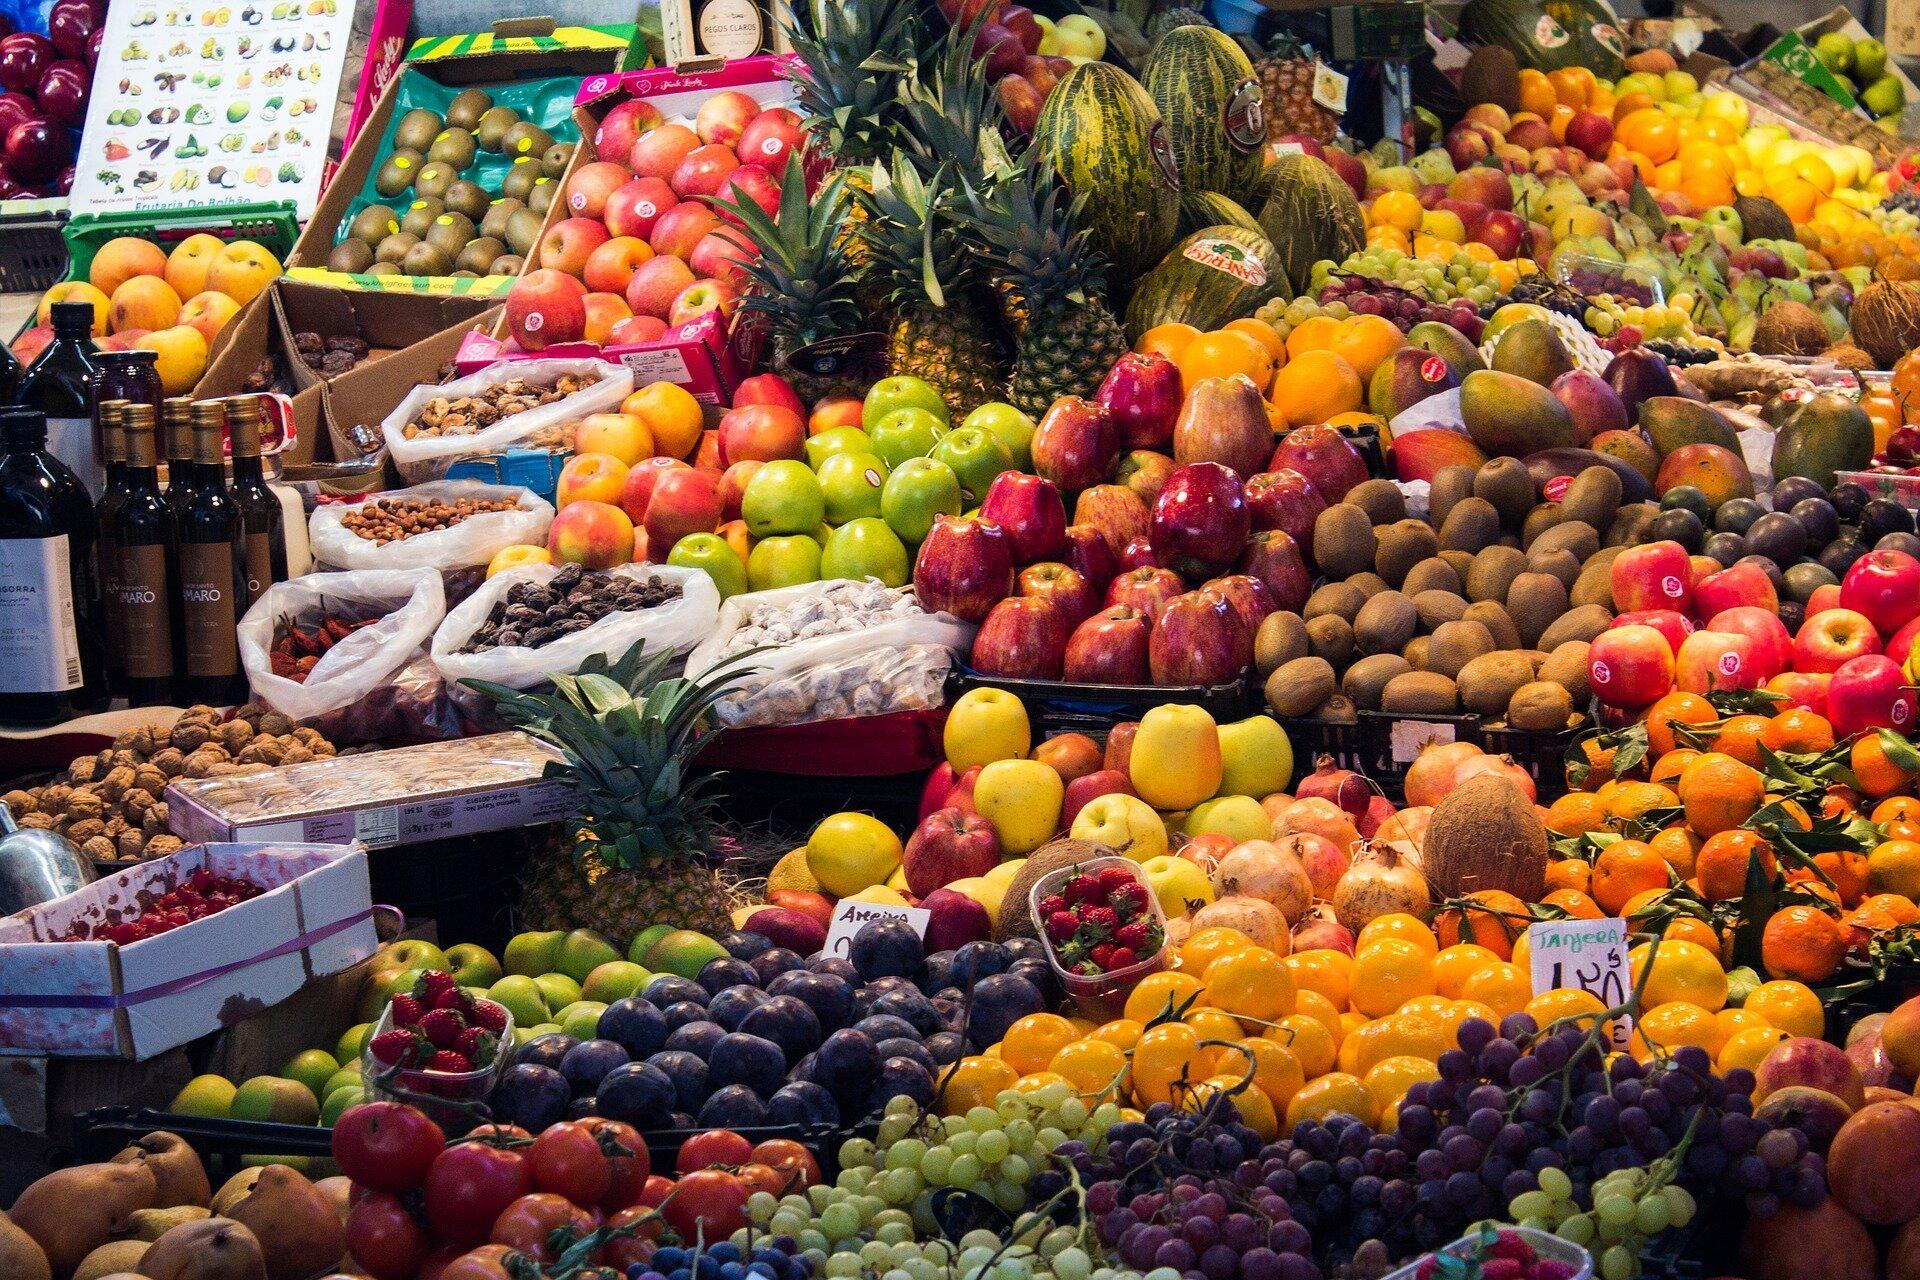 Einhaltung der Mittelmeer-Diät und reduziert das Risiko von spät-life depression